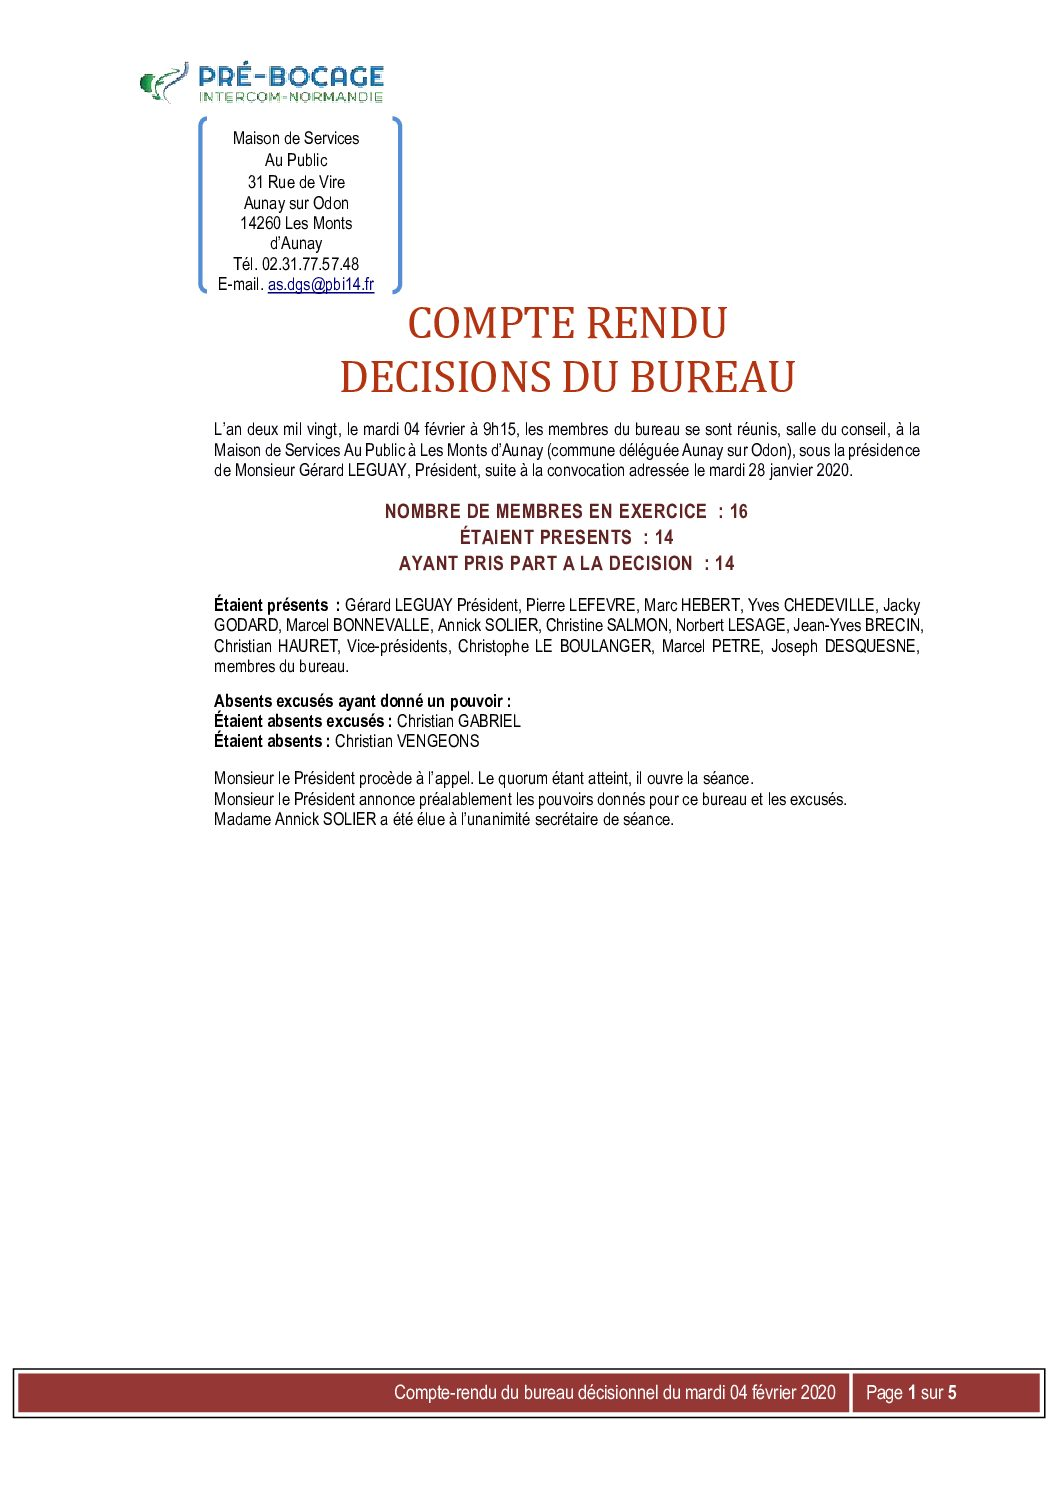 CR Bureau du 04 février 2020